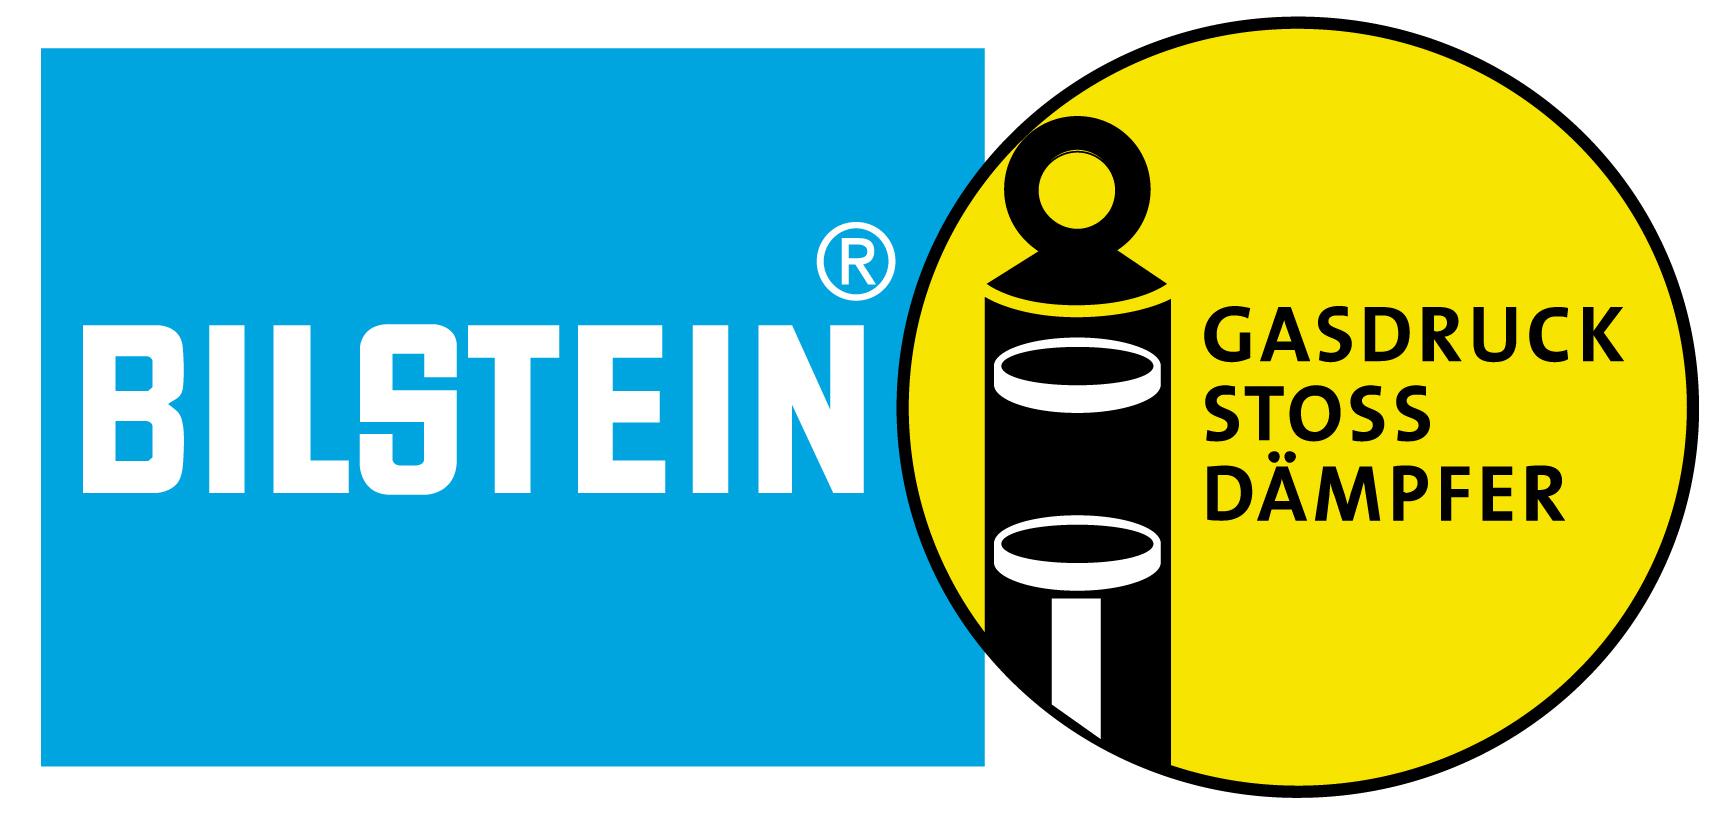 Hersteller: Bilstein